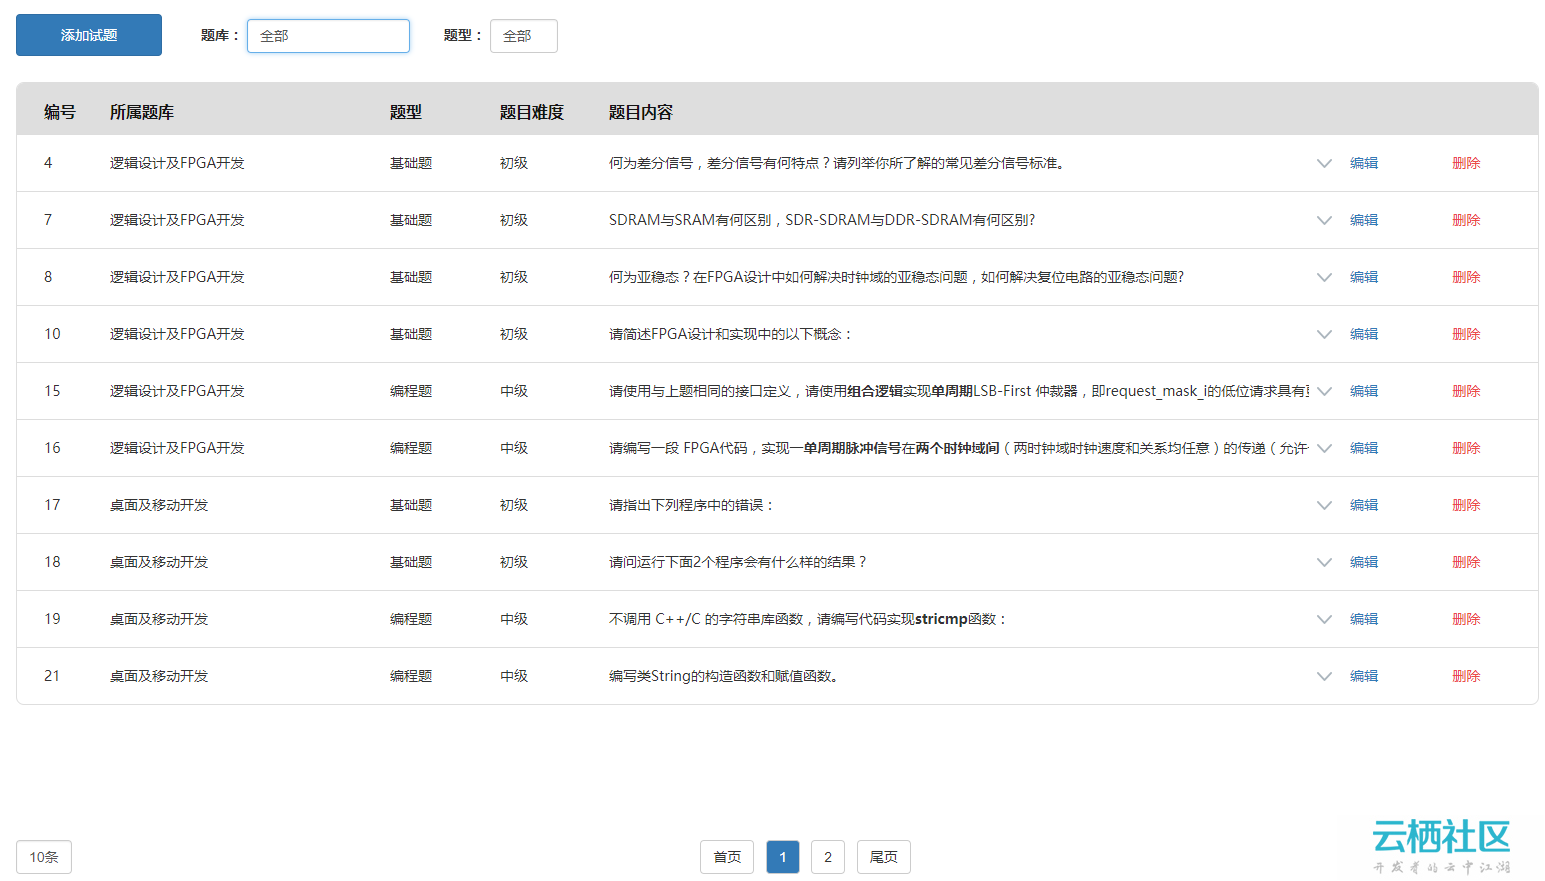 原生PHP实现数据筛选以及简单分页功能-